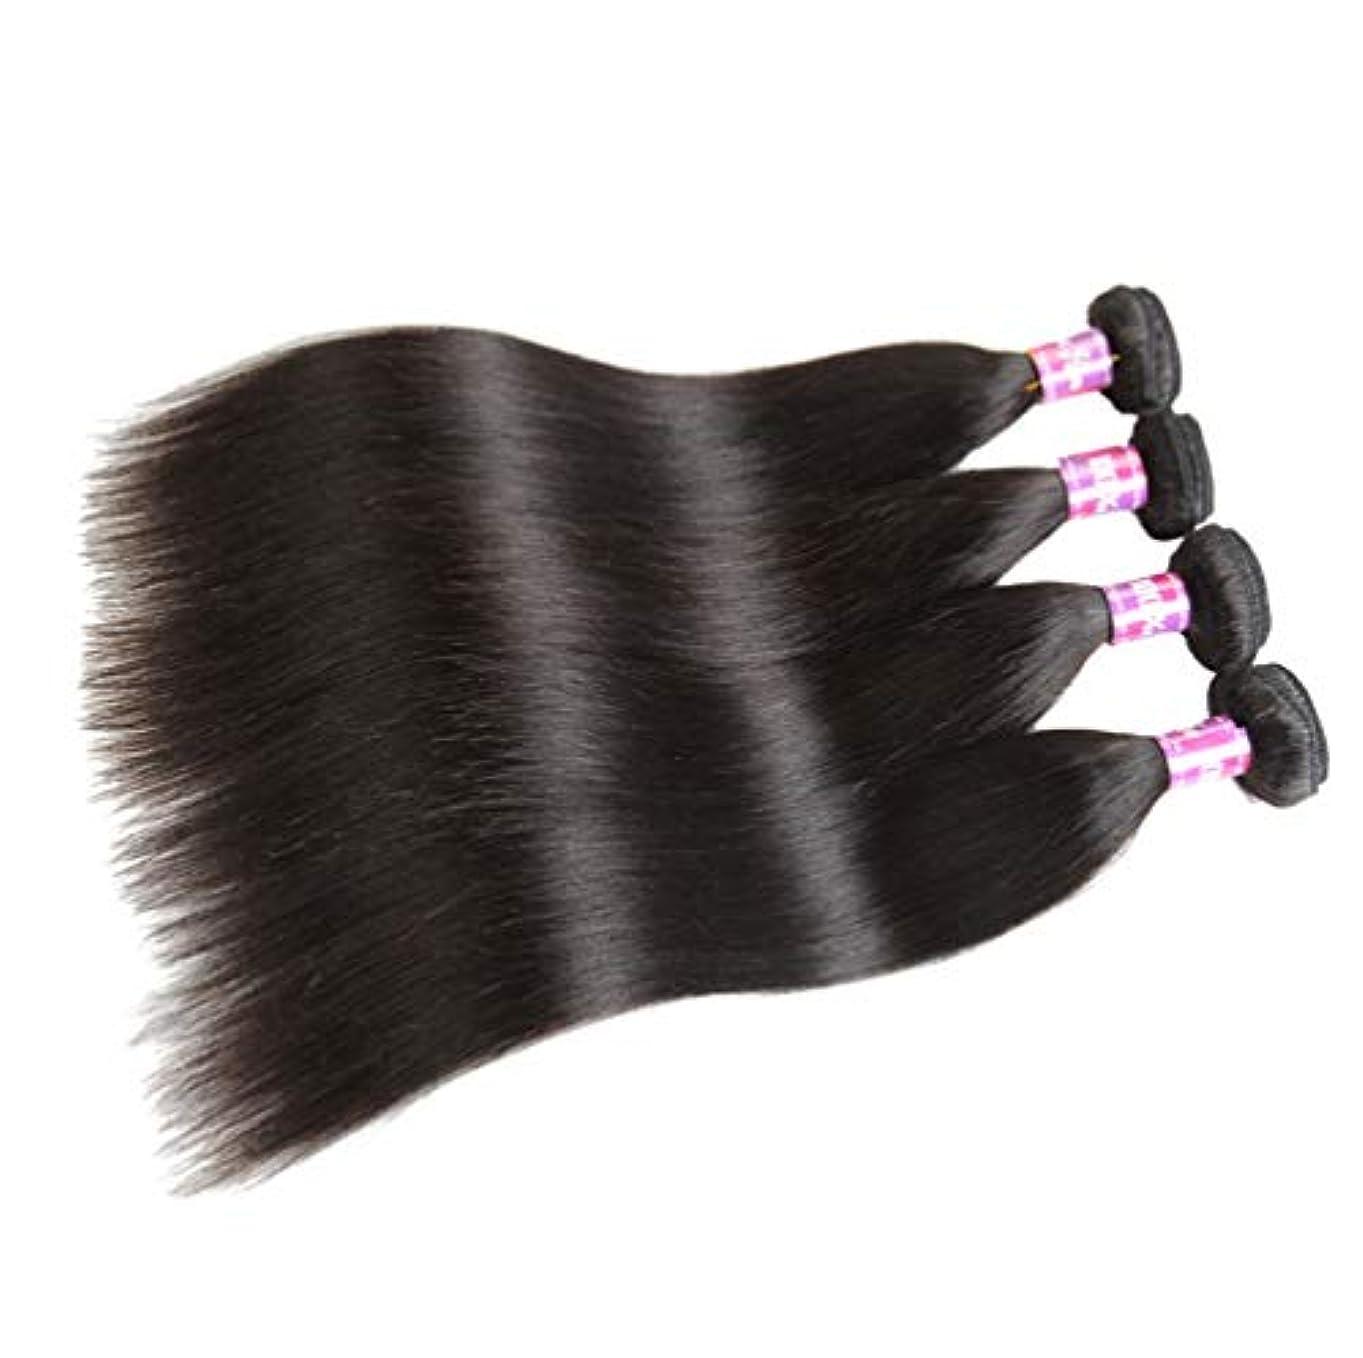 好色な繰り返した参照ブラジルのストレートヘアバンドル安いブラジルのヘアバンドルストレートの人間の髪のバンドルナチュラルブラックカラー300g(3バンドル)